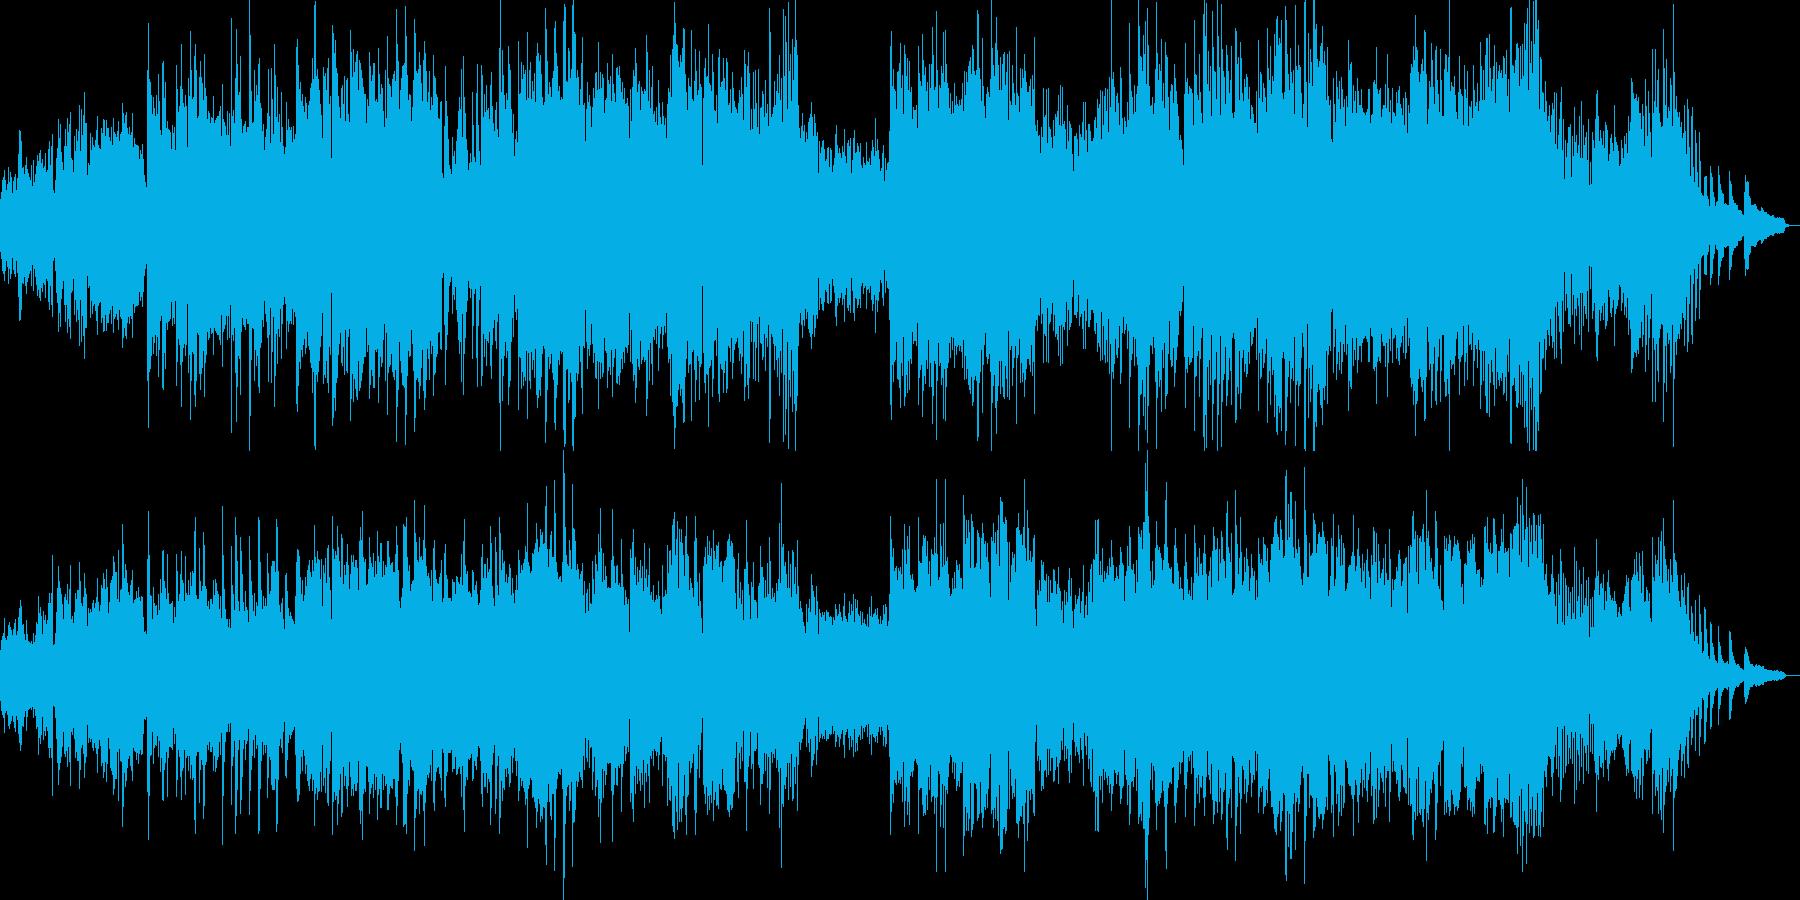 弦楽・出会いと別れ・切な明るいクラシックの再生済みの波形